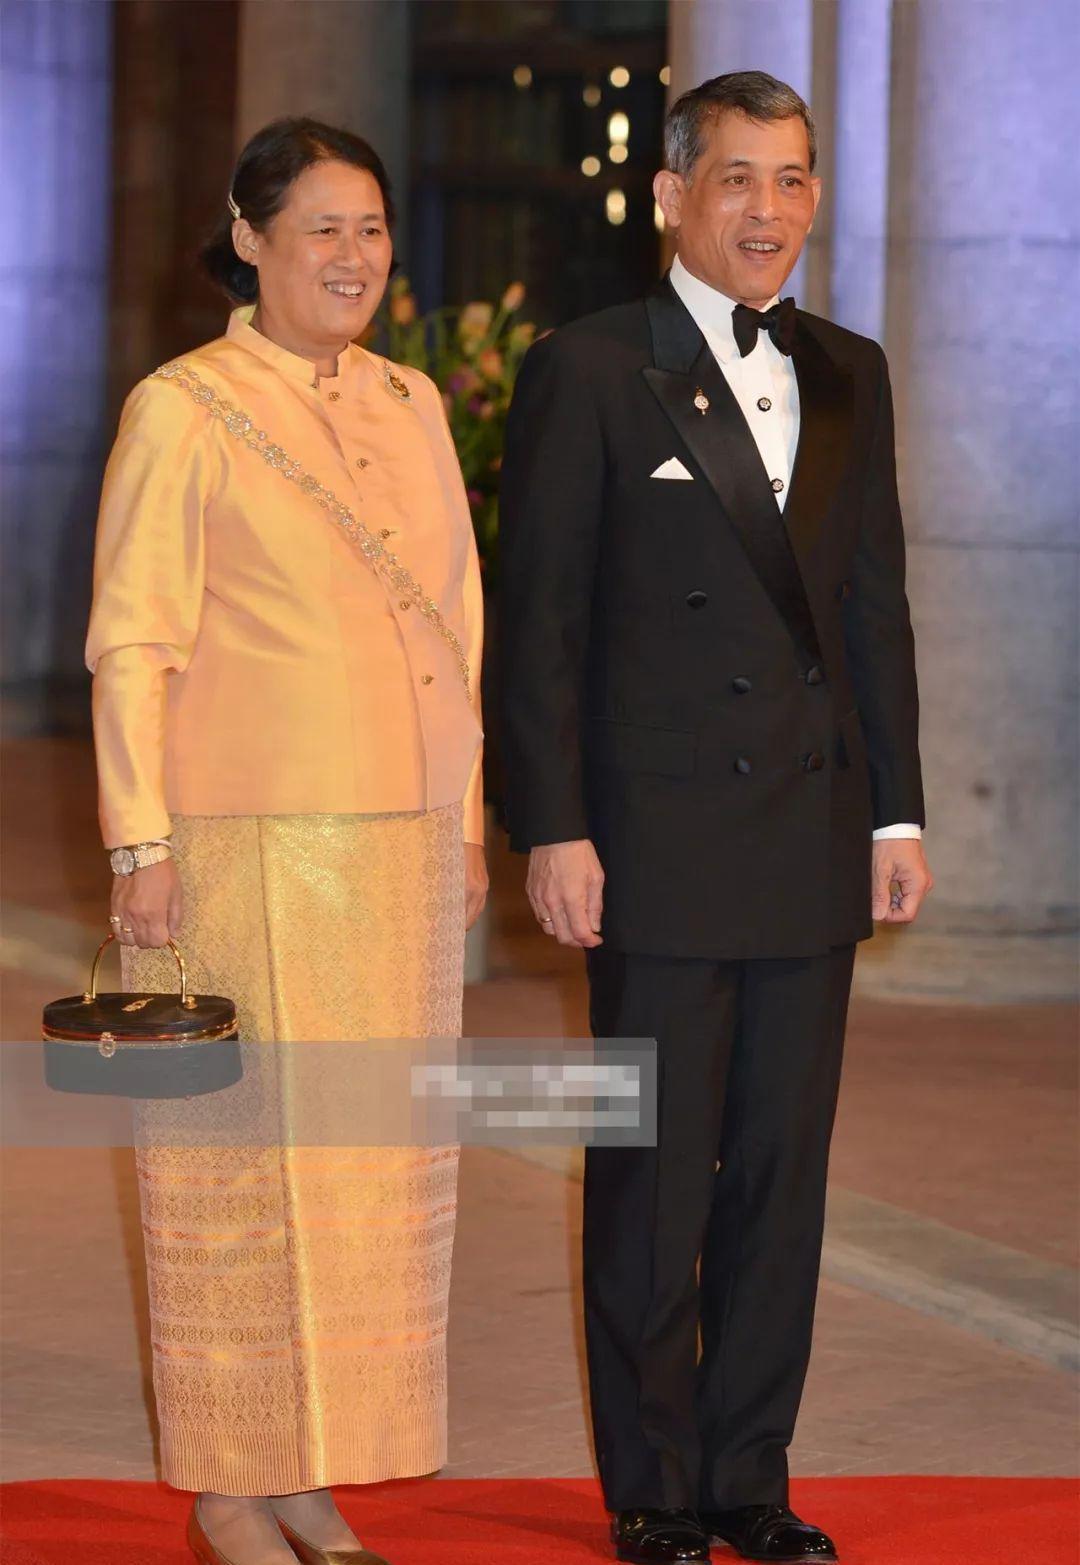 泰国王太后年轻时太美,颜值完胜3个公主,连苏提达也比不上婆婆